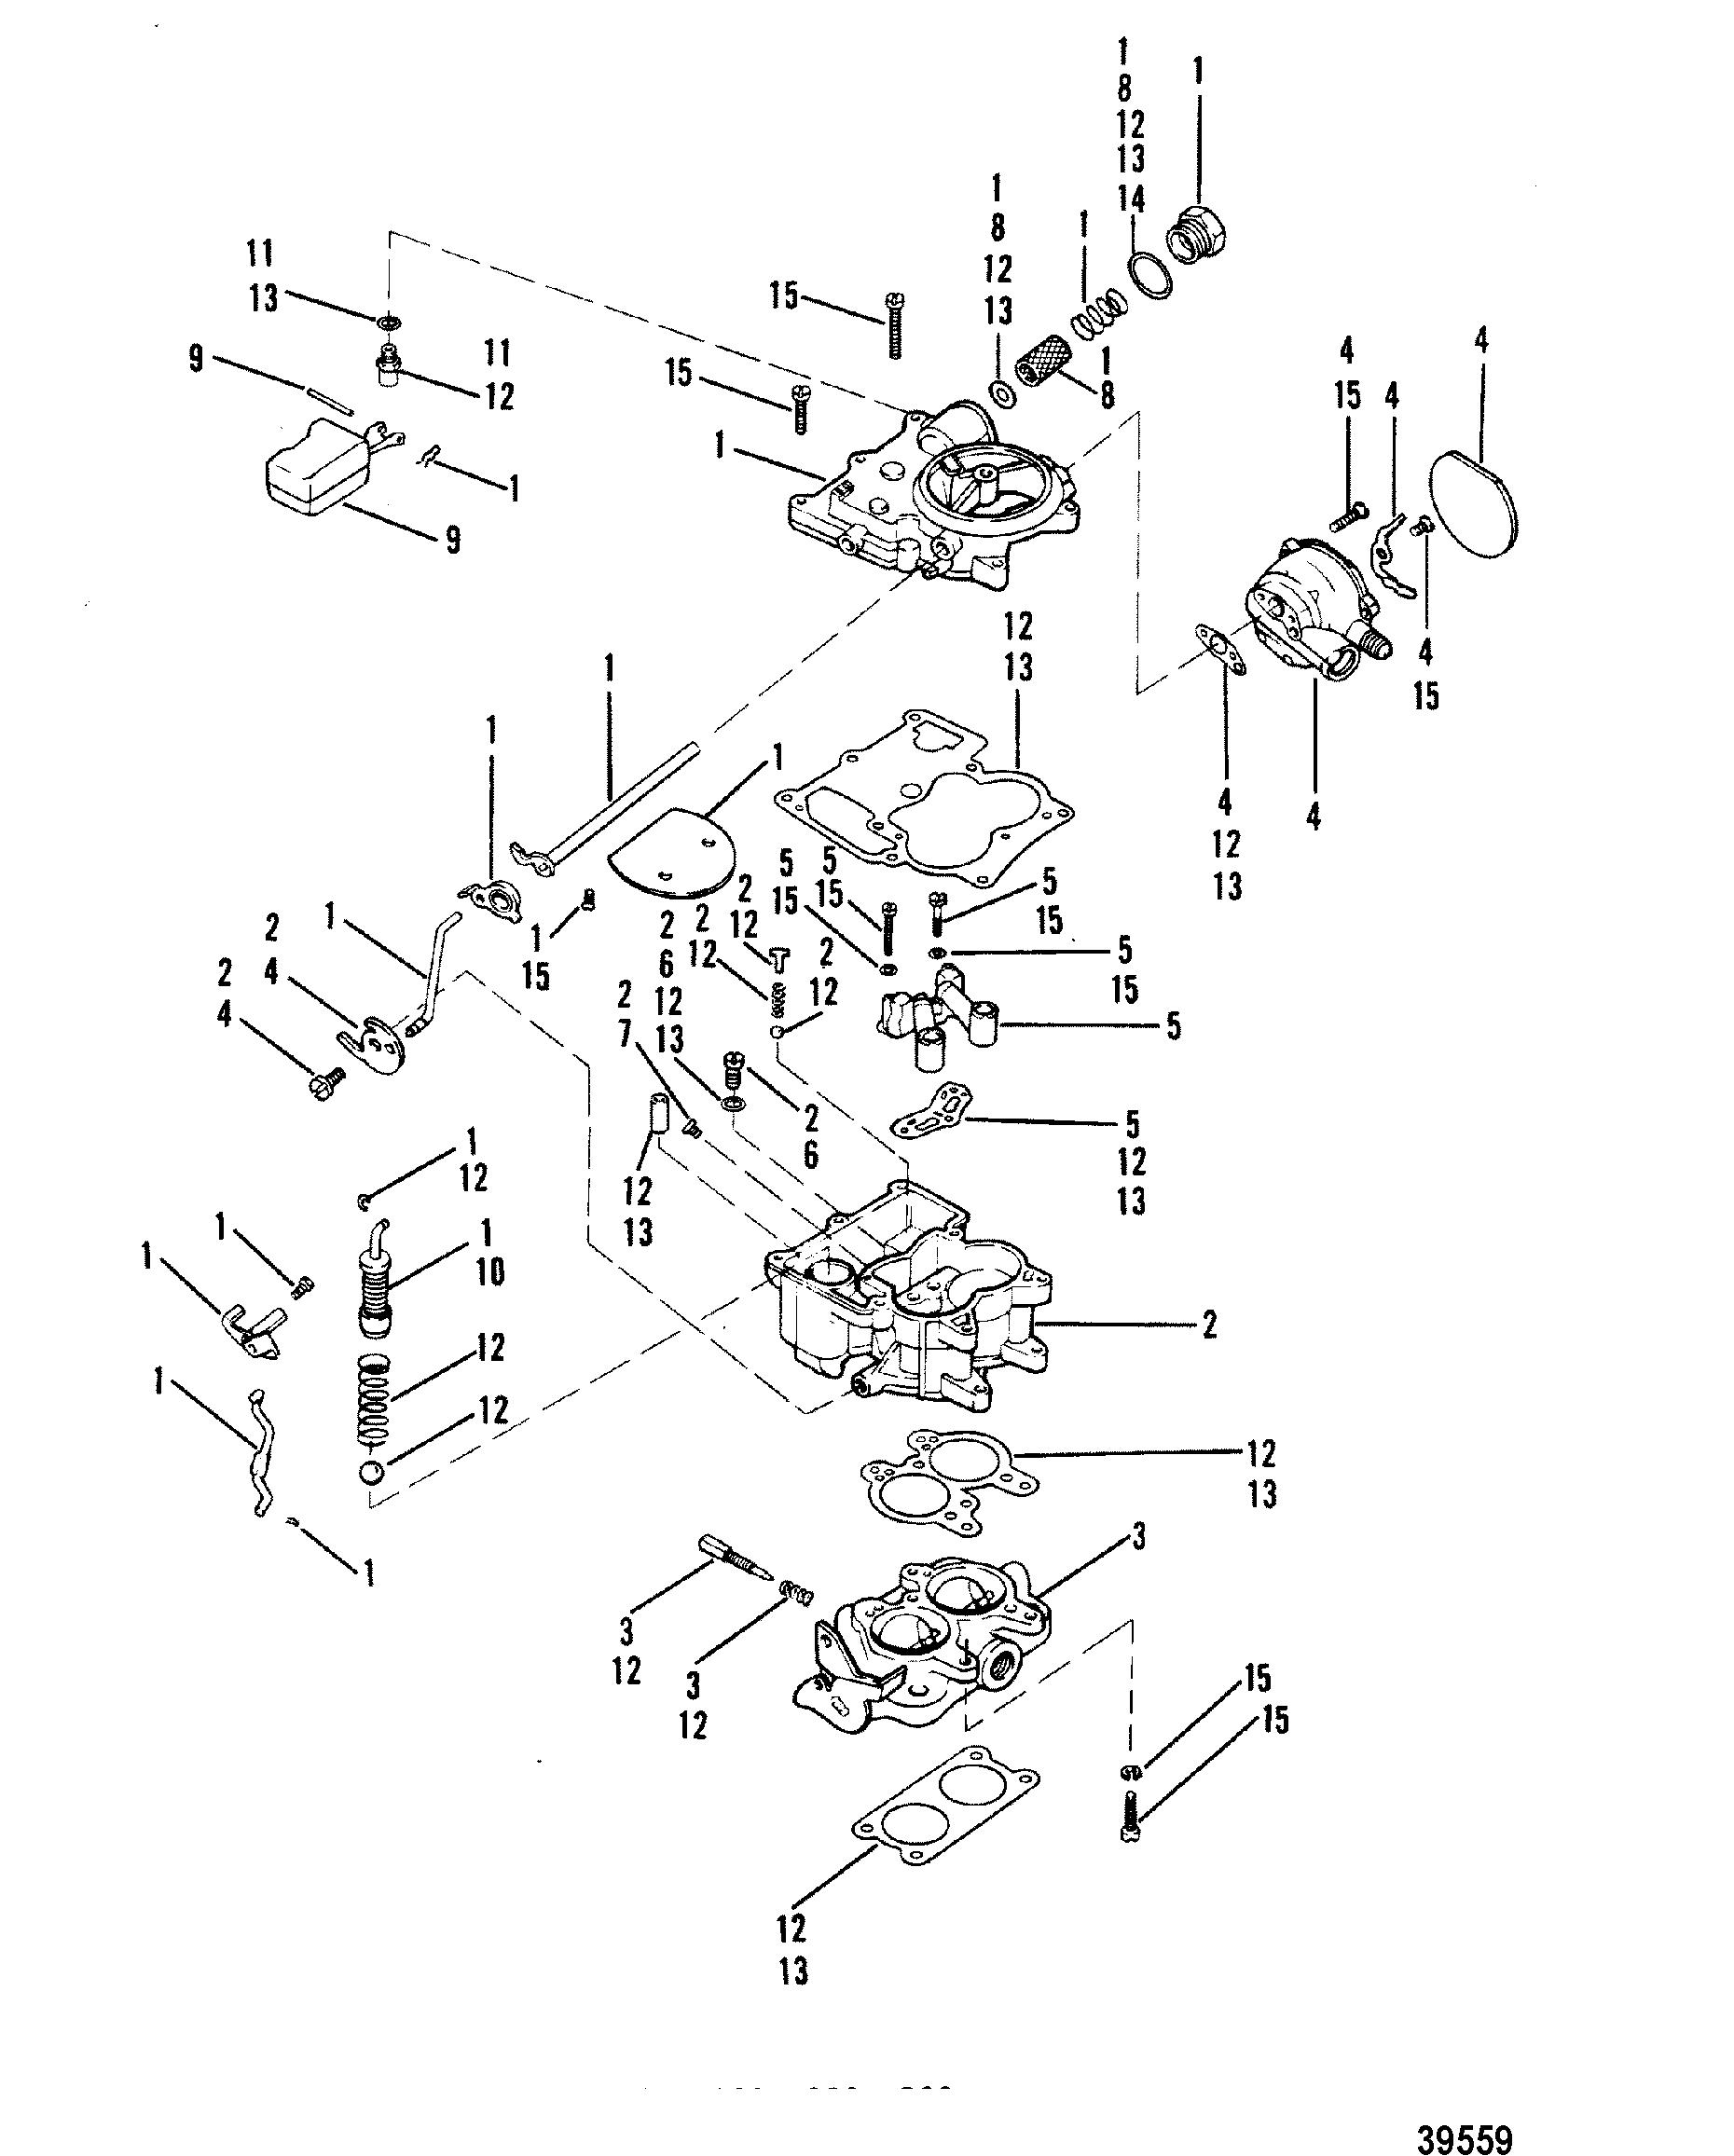 Carburetor Rochester 898 2 Barrel For Mercruiser 898 200